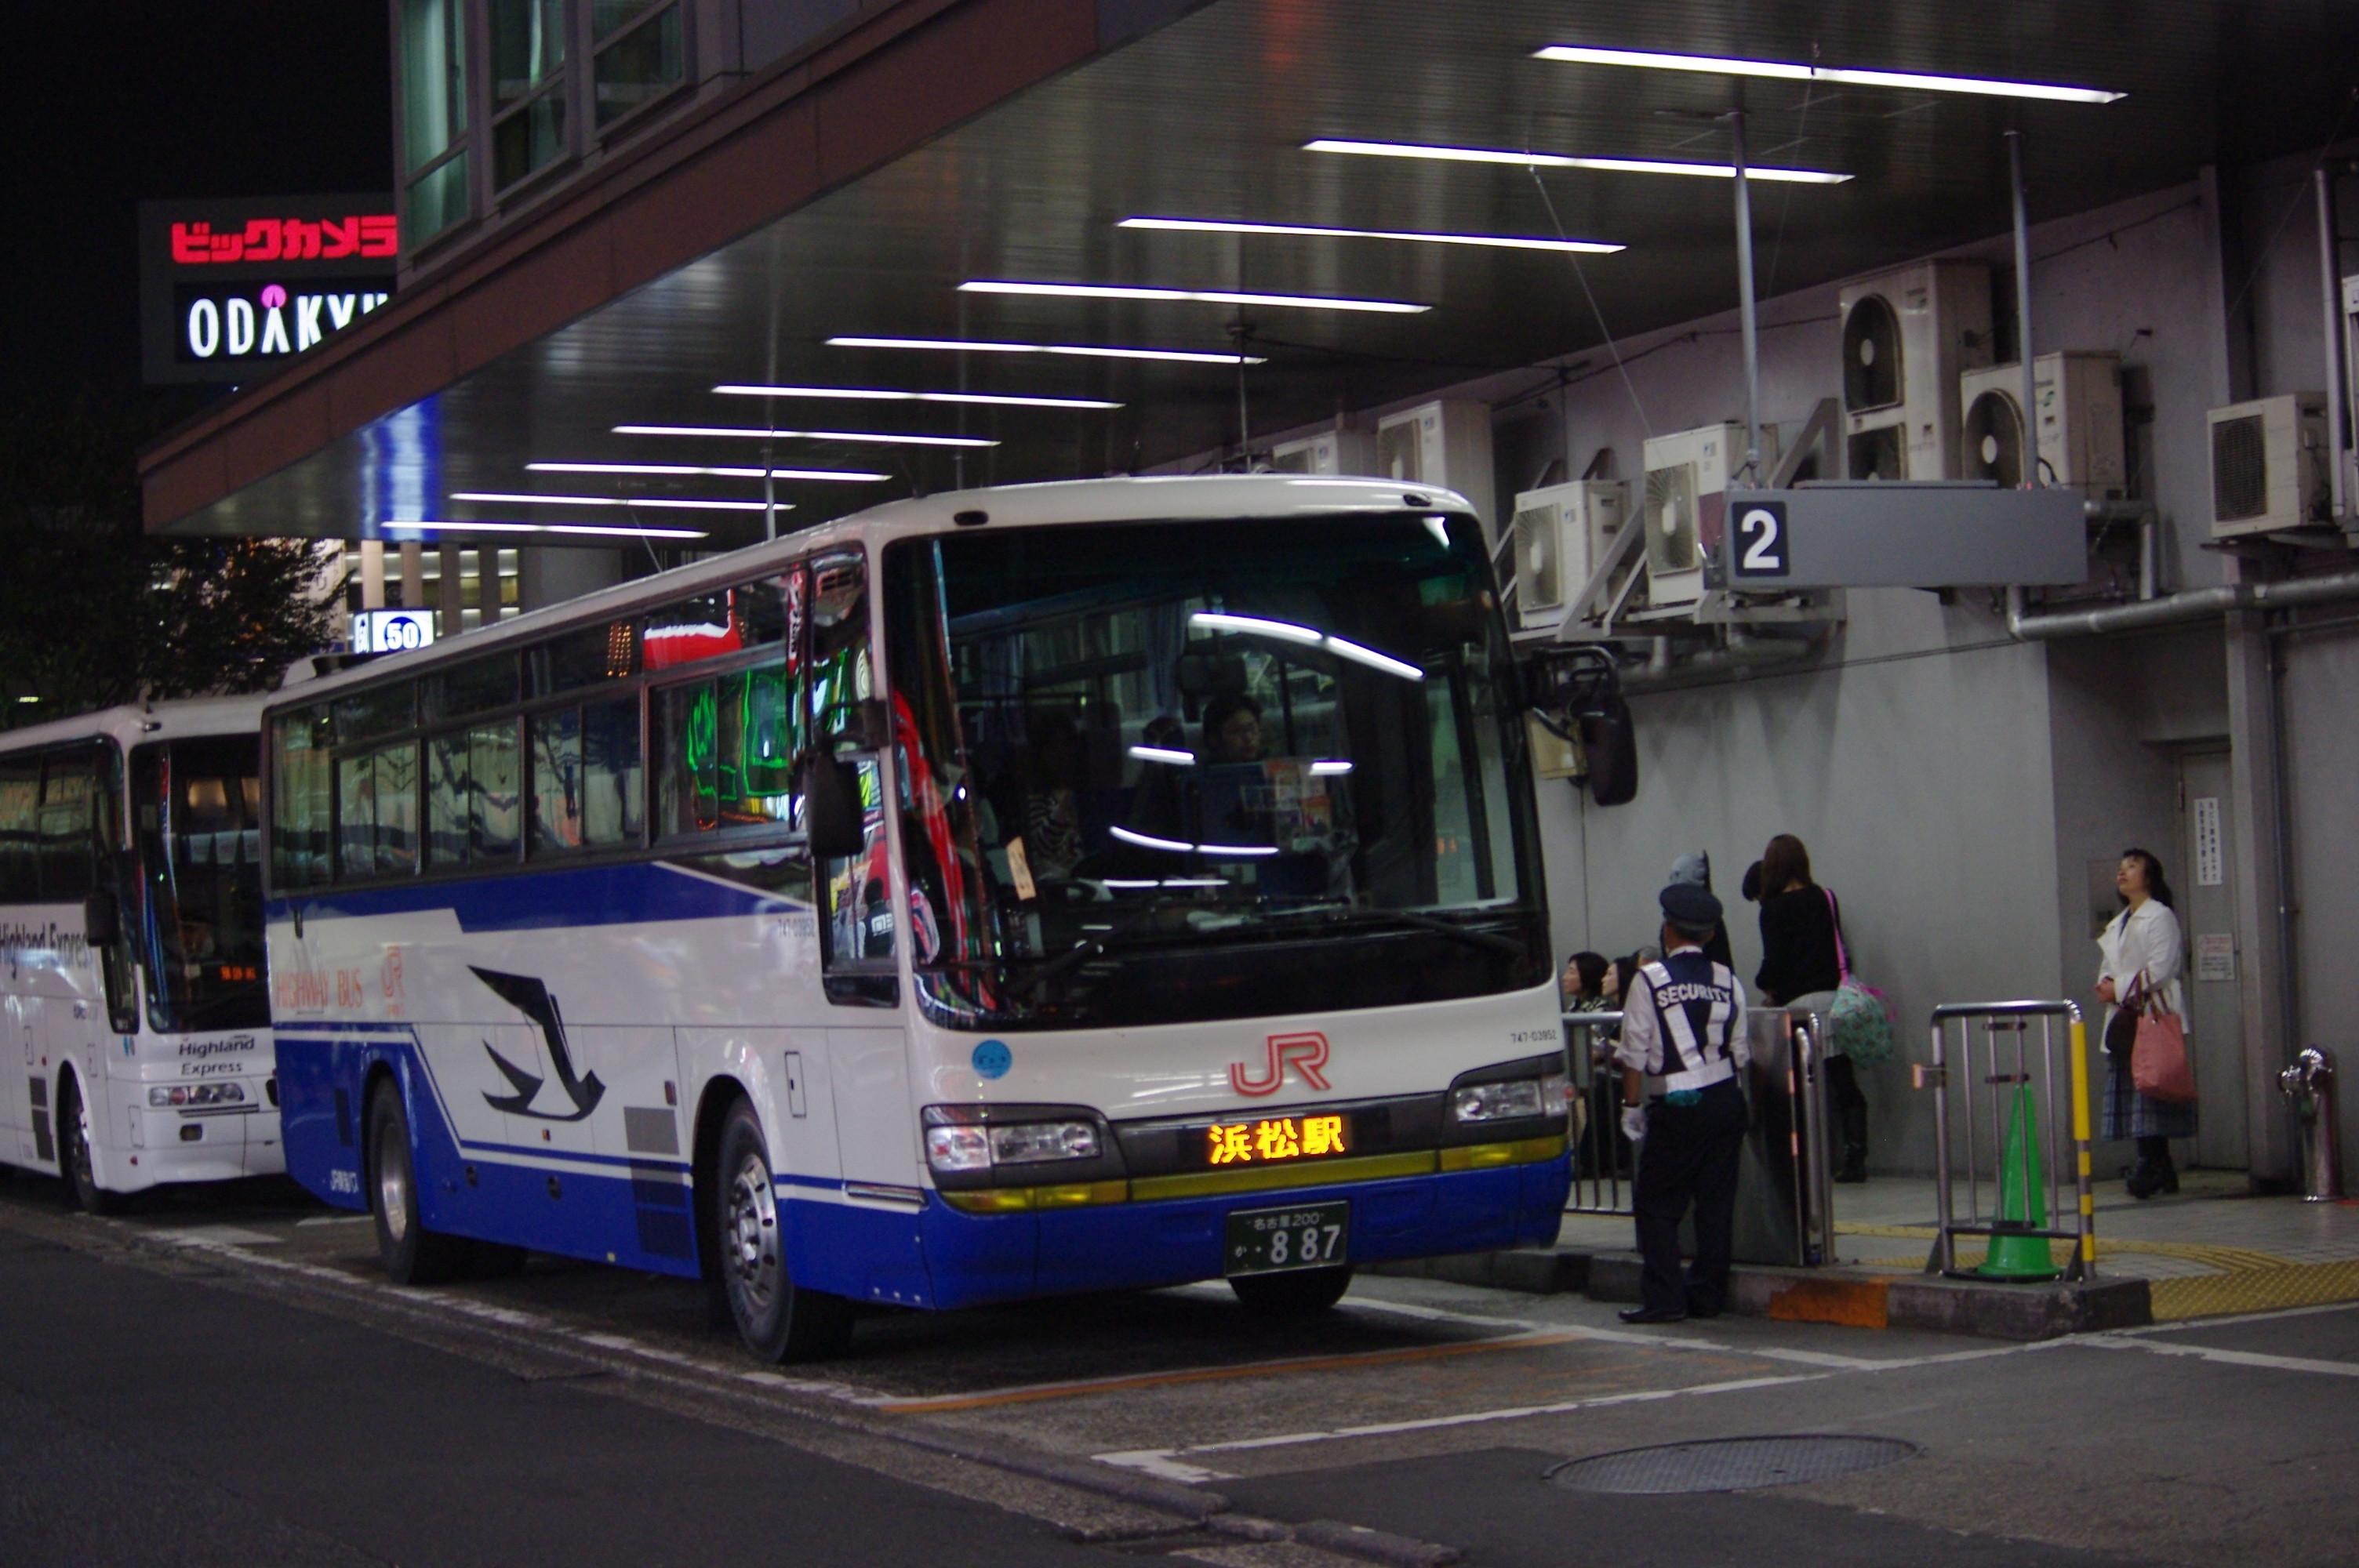 デジタル時刻表   ジェイアールバス関東